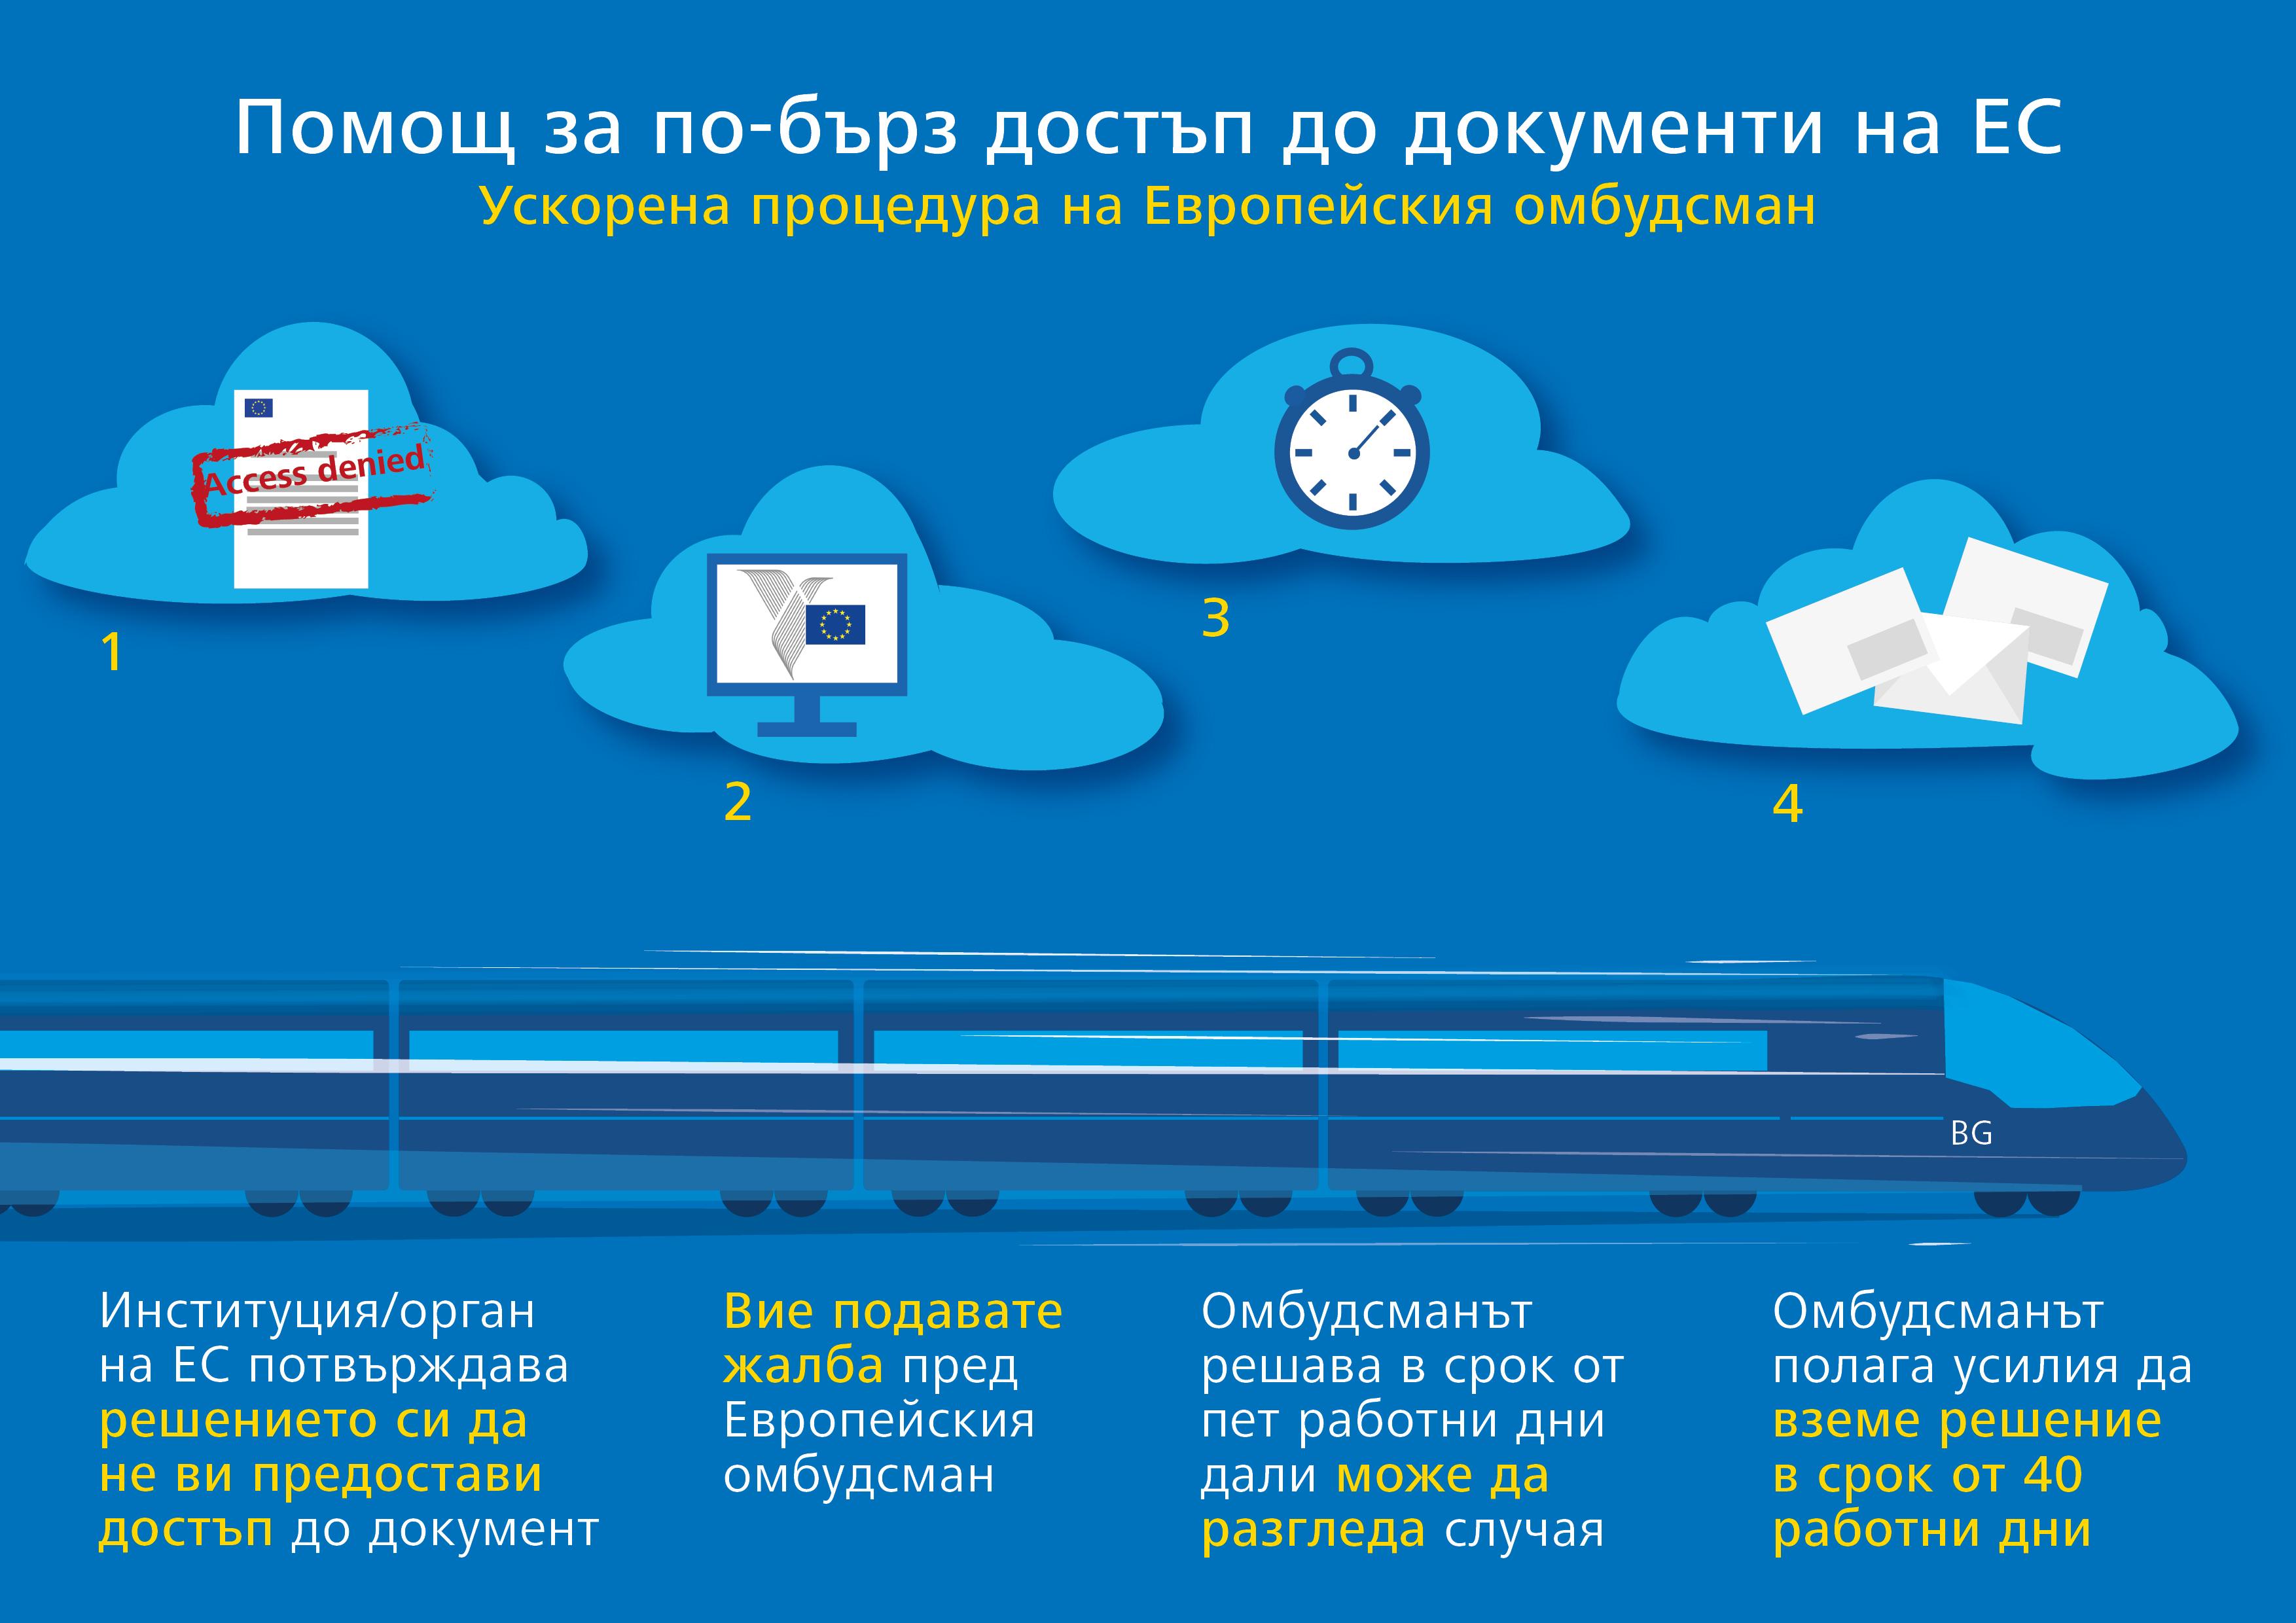 Помощ за по-бърз достъп до документи на ЕС